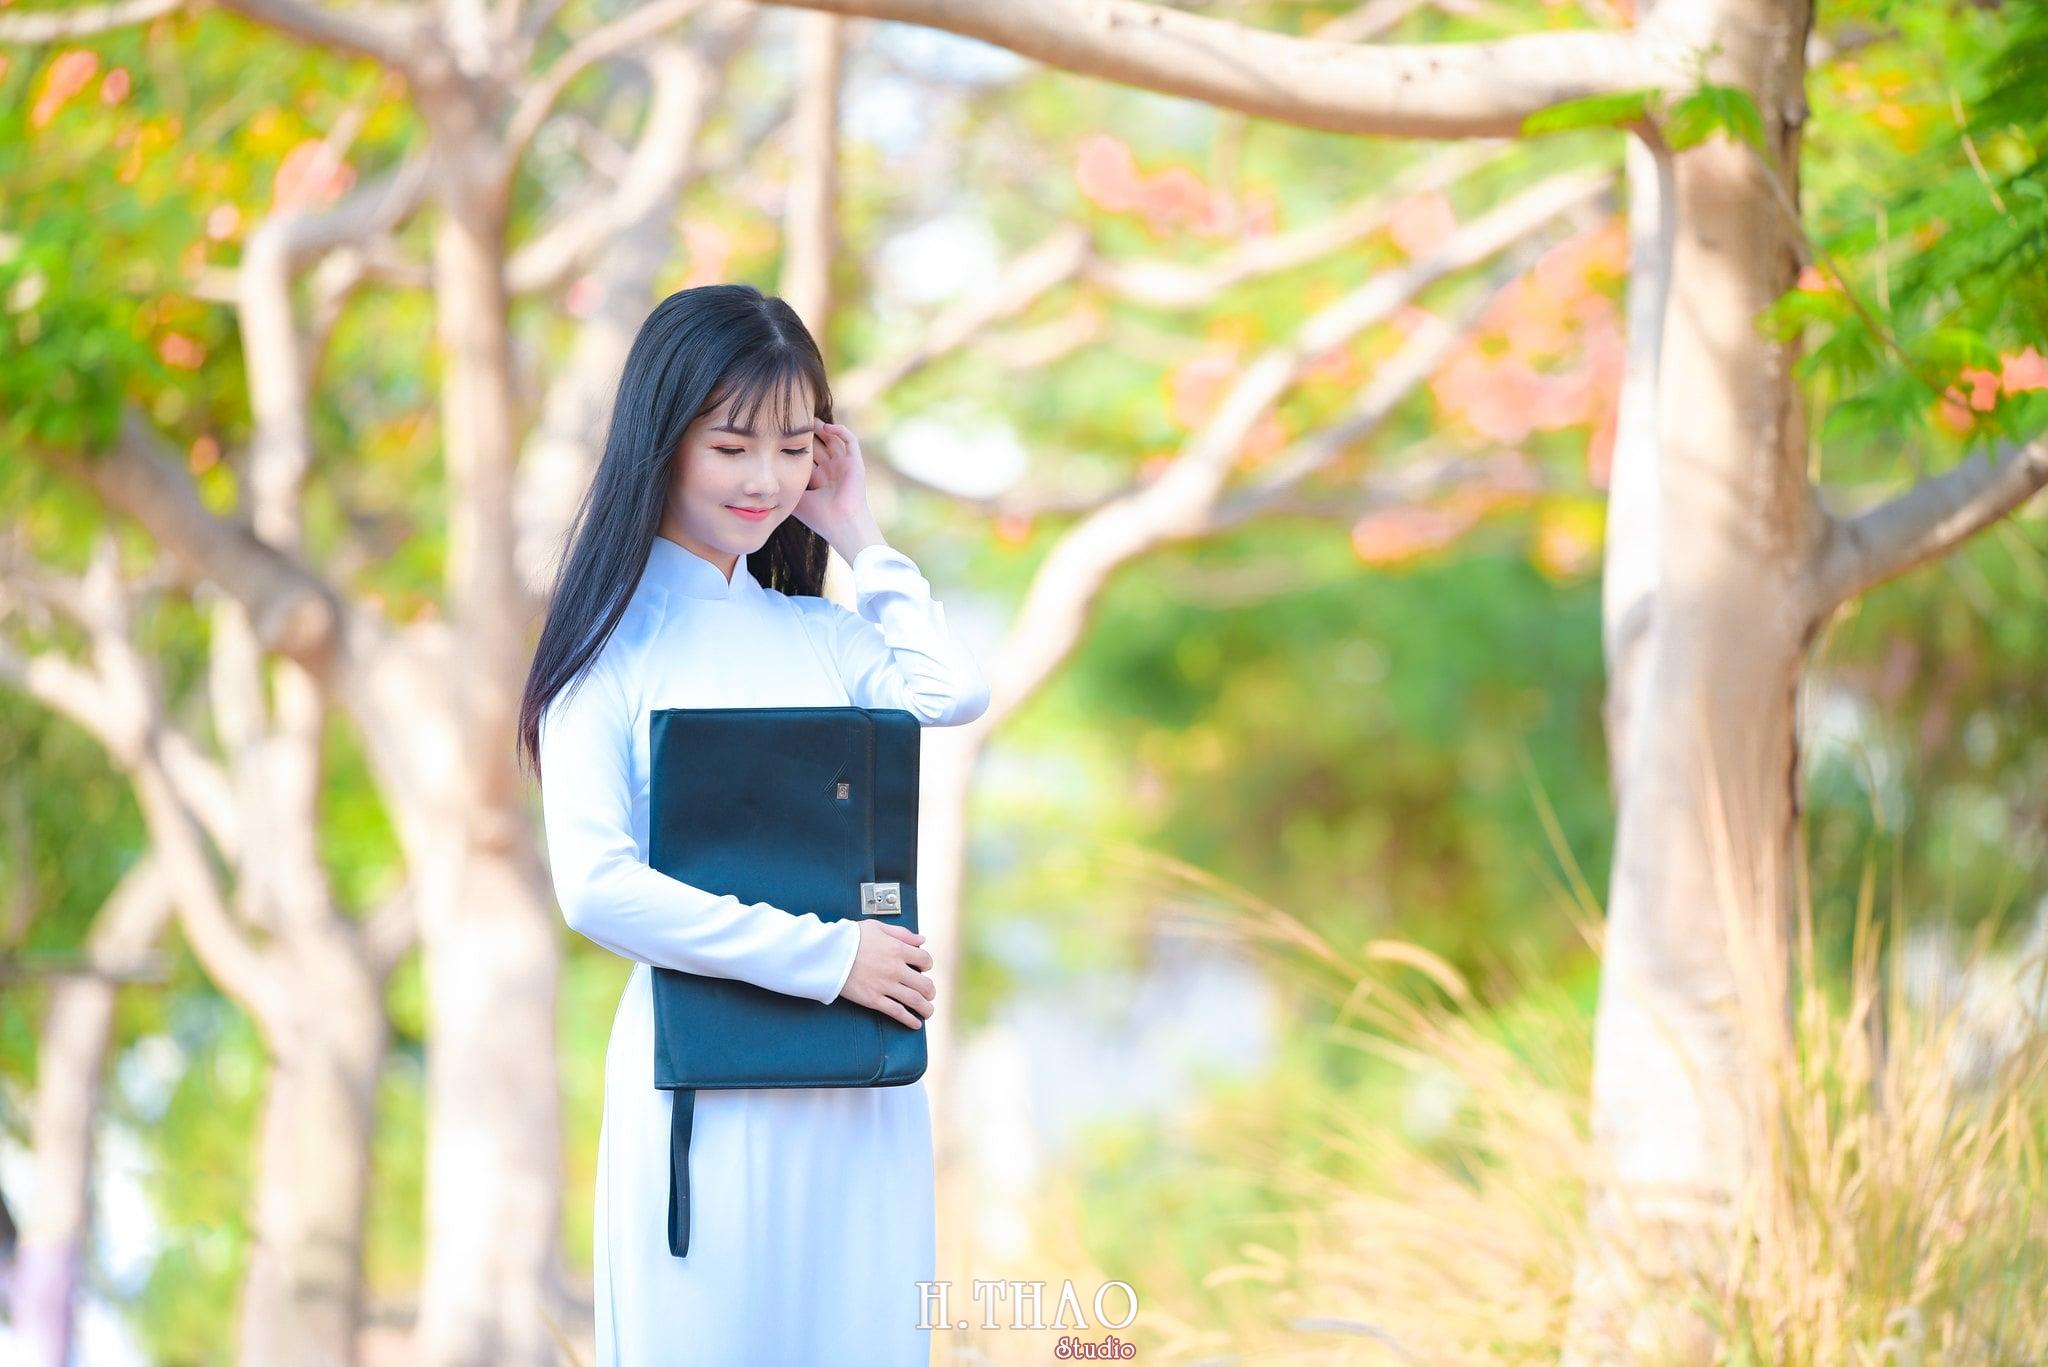 ao dai quan 2 21 - Báo giá chụp ảnh áo dài trọn gói tại Tp.HCM - HThao Studio